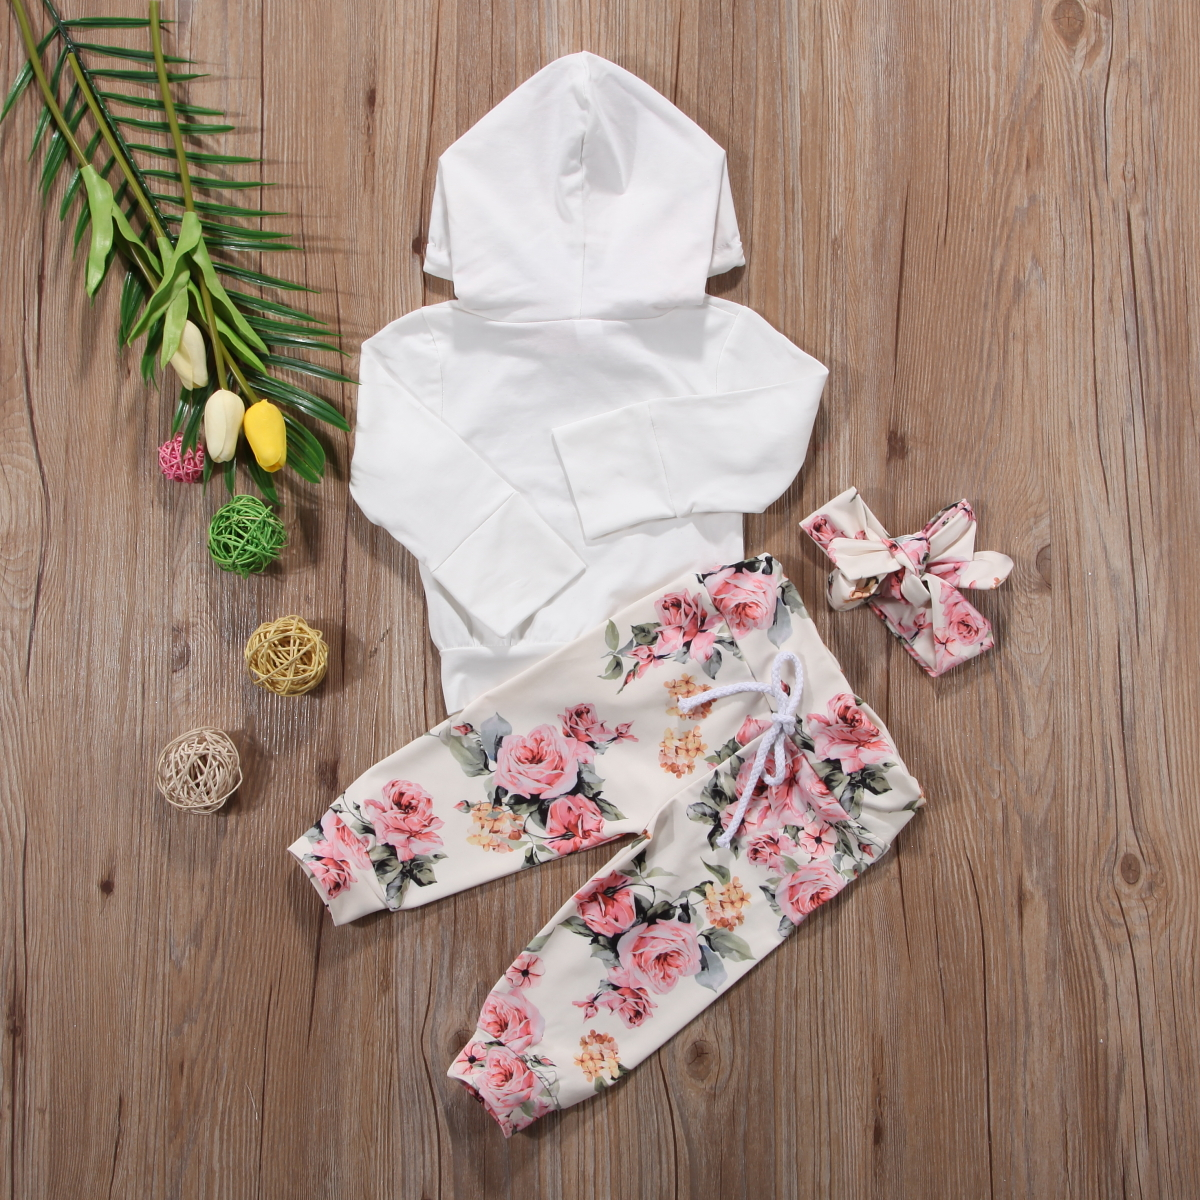 Kleider Intelligent Newborn Kid Baby Mädchen Einhorn Spielanzugoverall Tutu Kleid Langarm Sunsuit Kleider Kleidung 0-18 Mt Fein Verarbeitet